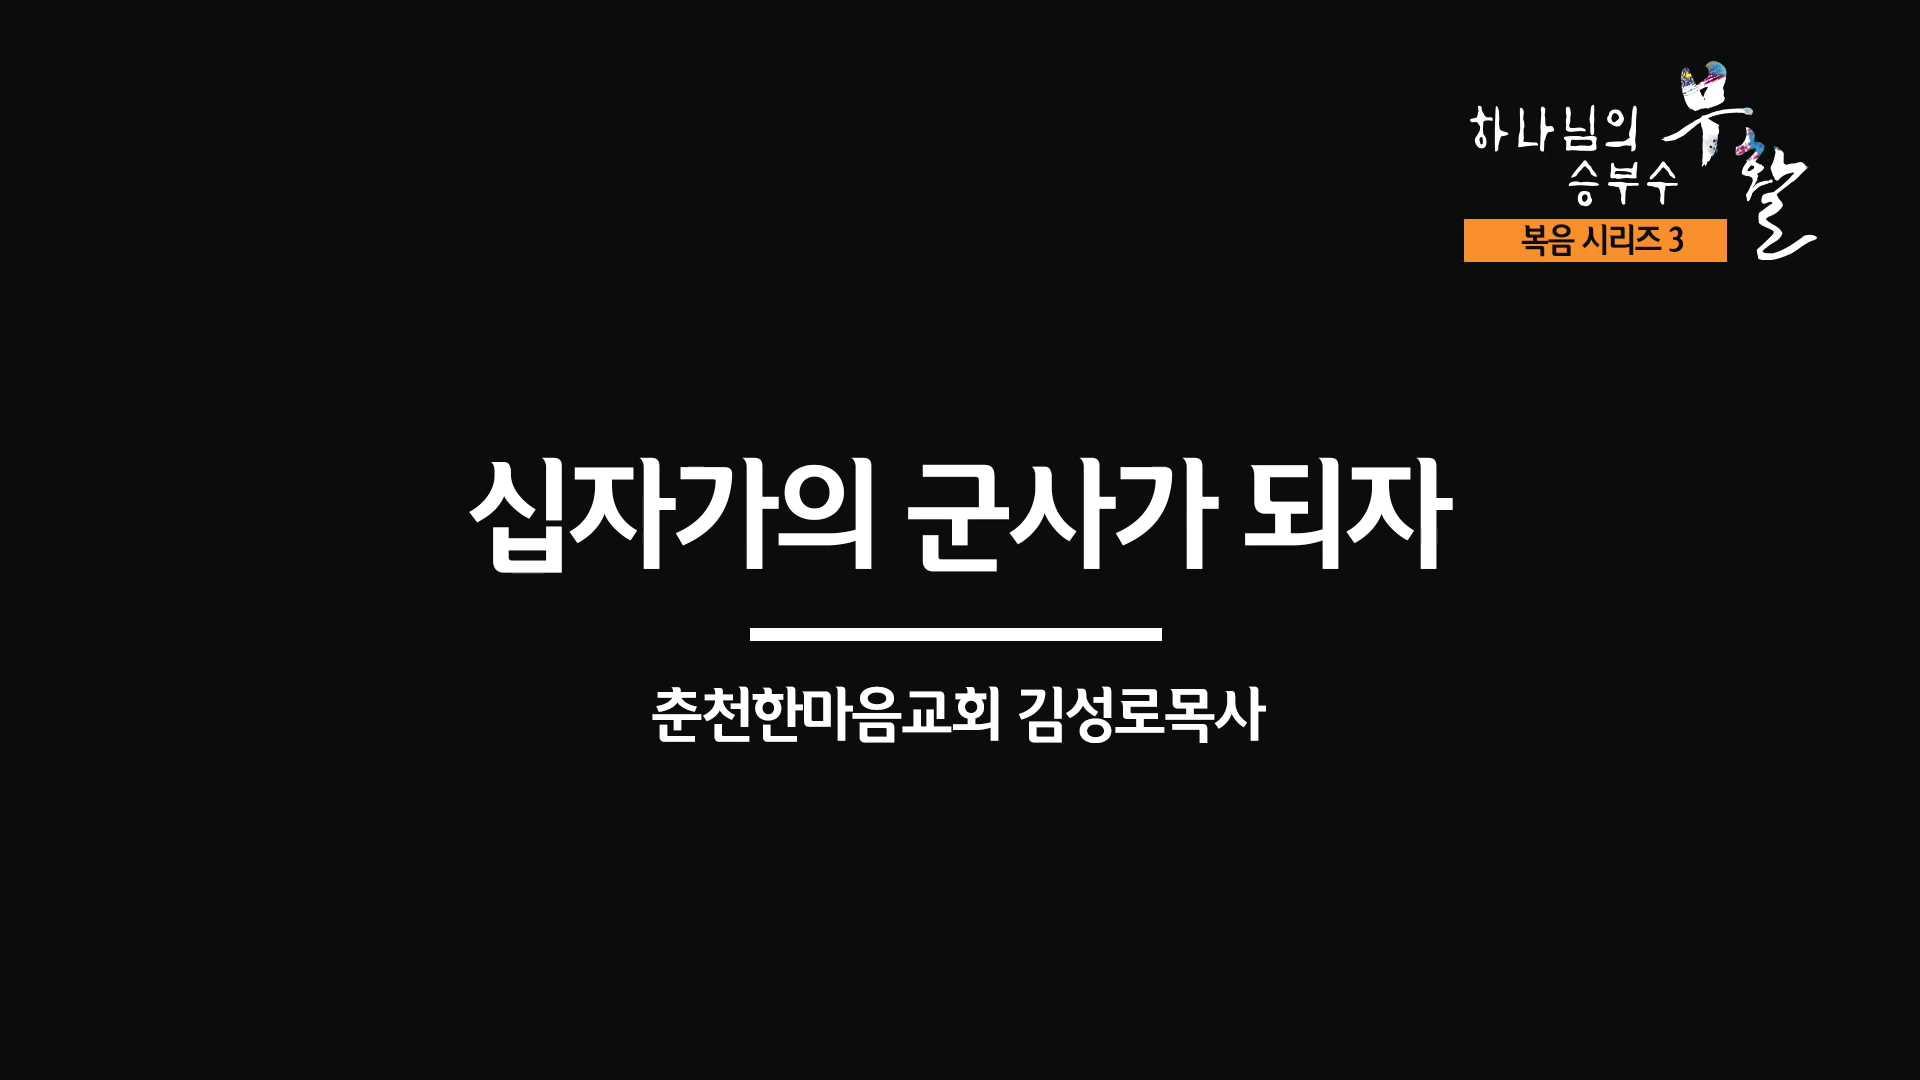 [복음시리즈 3] 춘천 한마음교회 김성로 목사 - 십자가의 군사가 되자.mp4_000161154.jpg